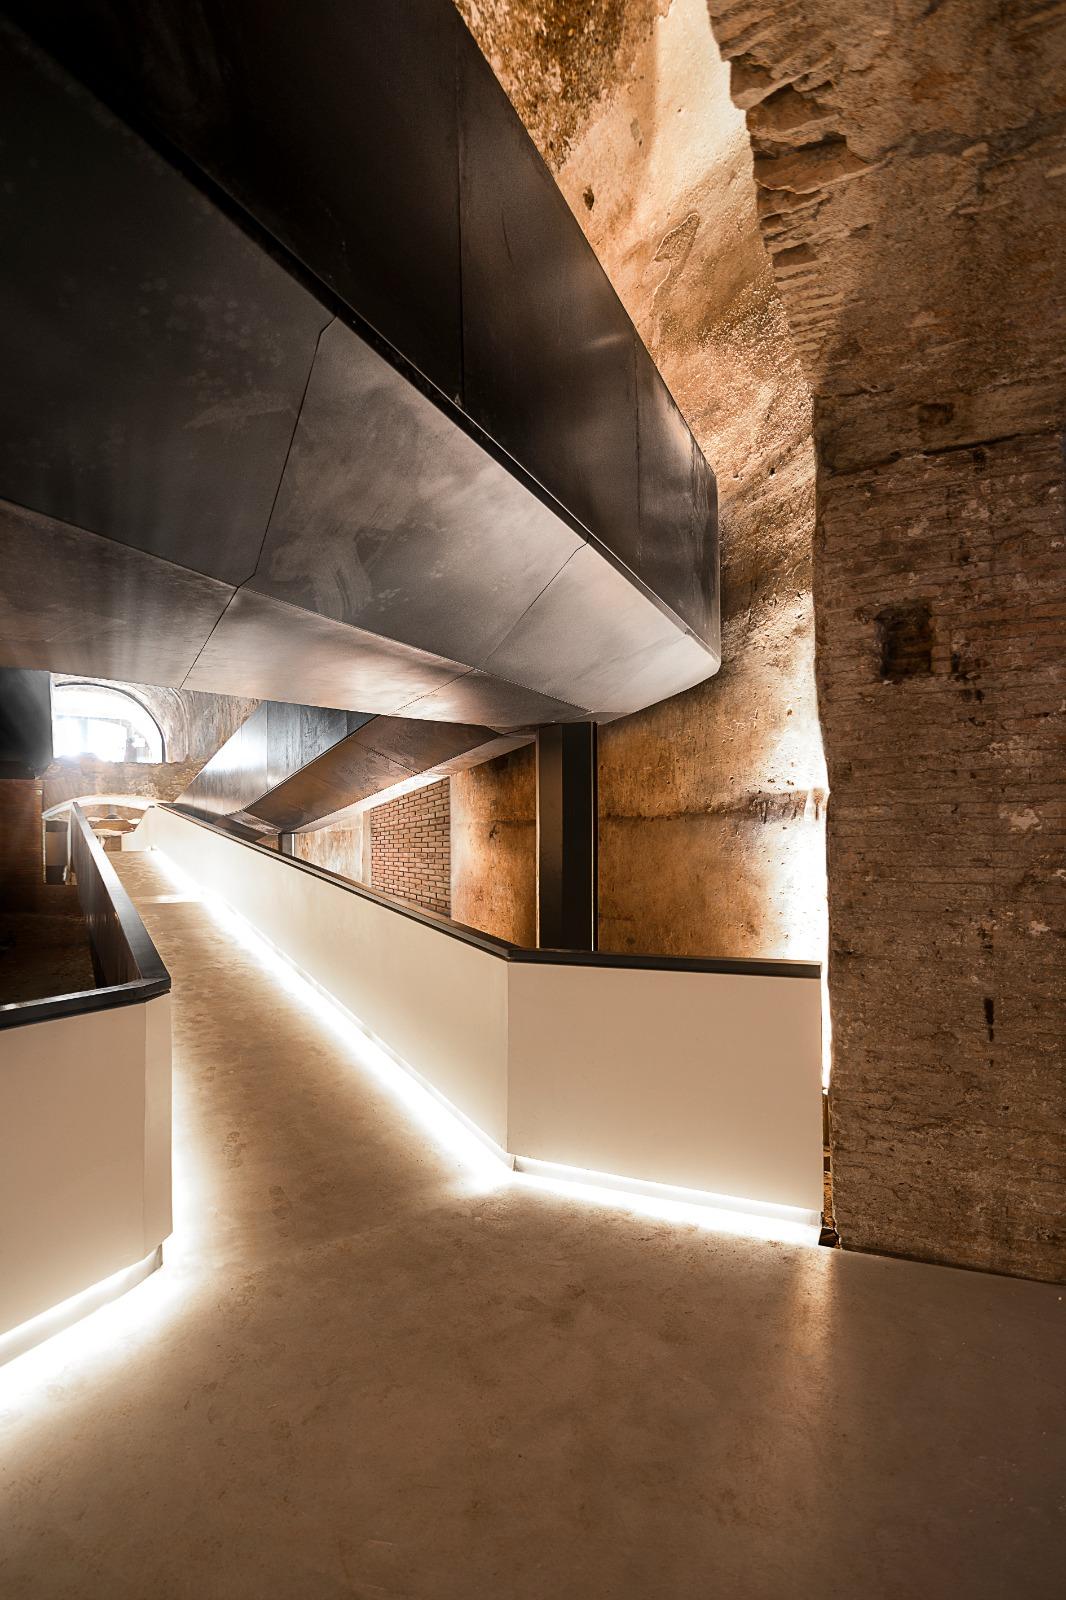 Nuovo ingresso Domus Aurea, Roma. Stefano Boeri Architetti. Crediti:  ph. Lorenzo Masotto